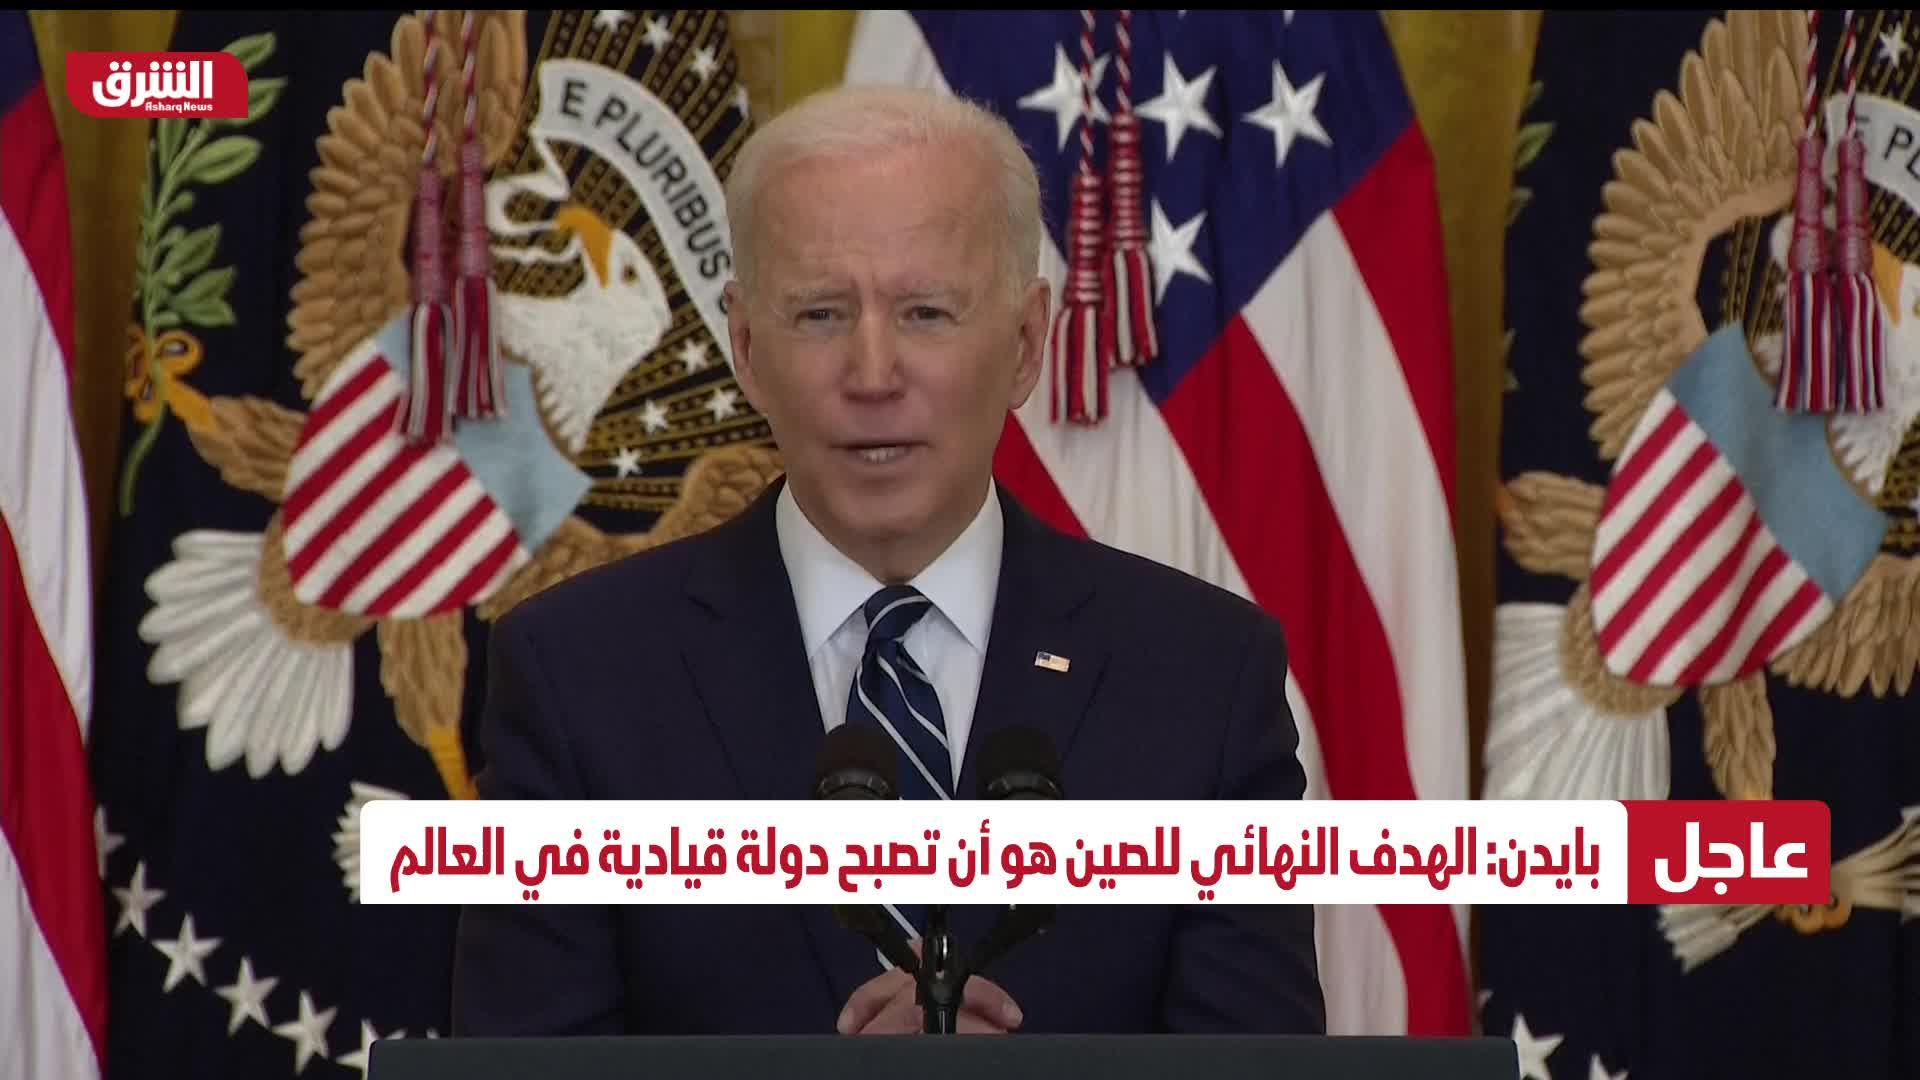 المؤتمر الصحفي الأول للرئيس الأميركي جو بايدن بعد تسلمه الرئاسة